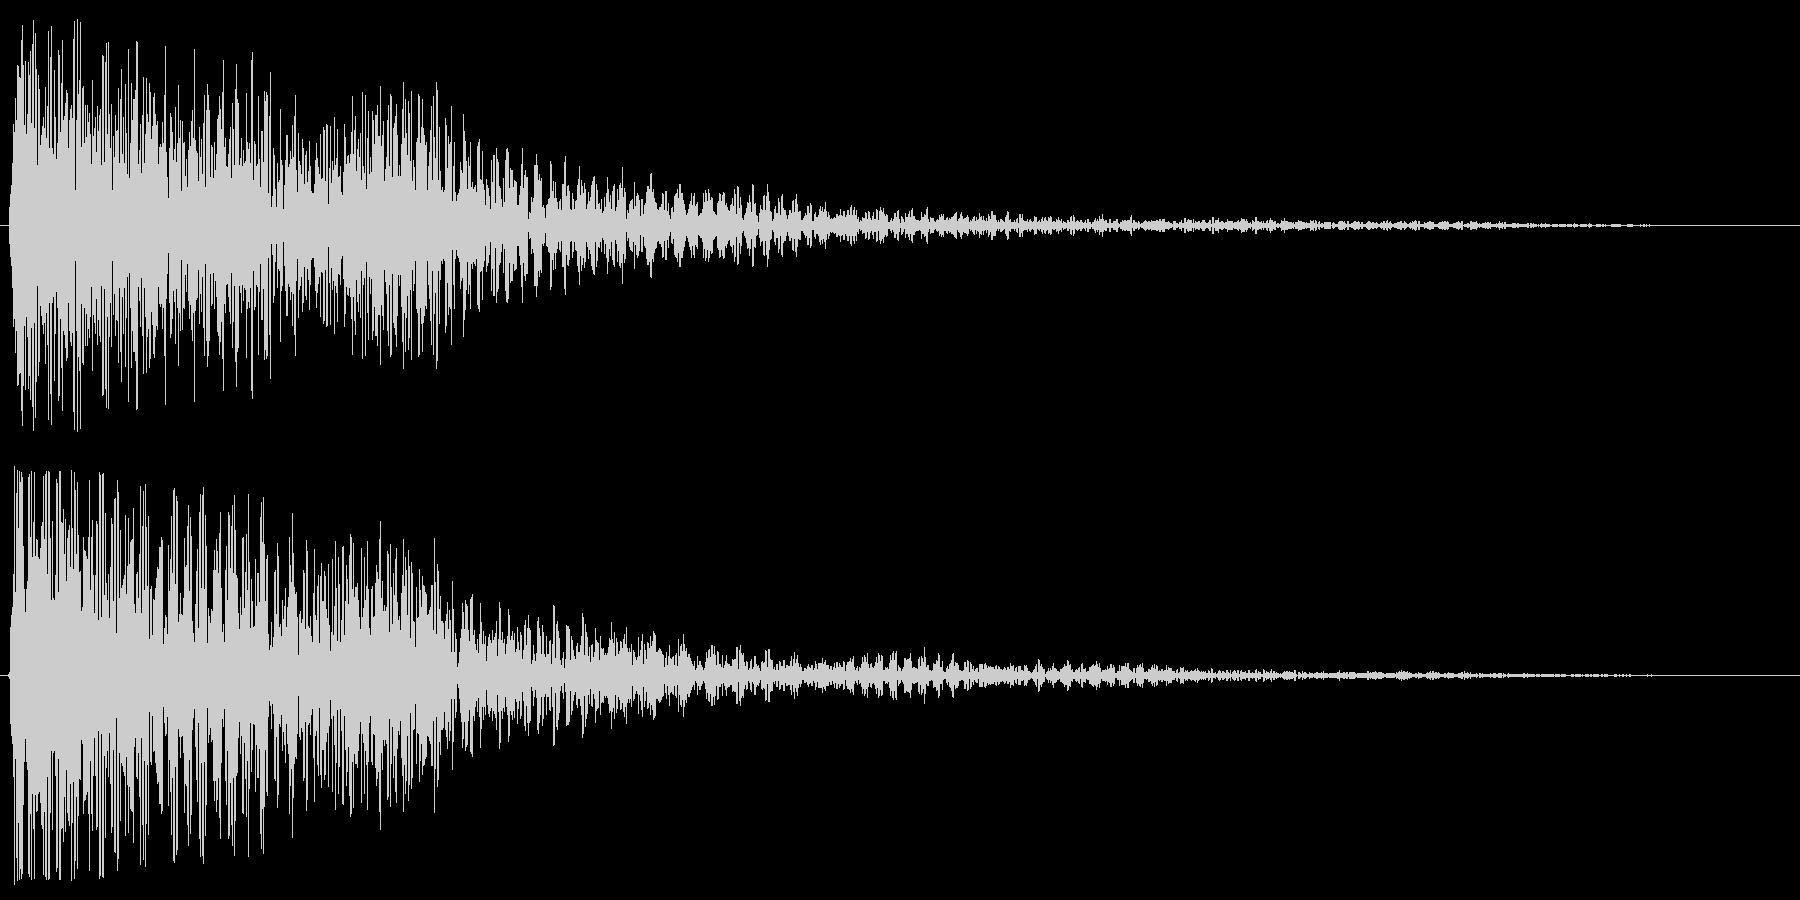 ゴーン(魔法にも使えそうなきれいな音)の未再生の波形